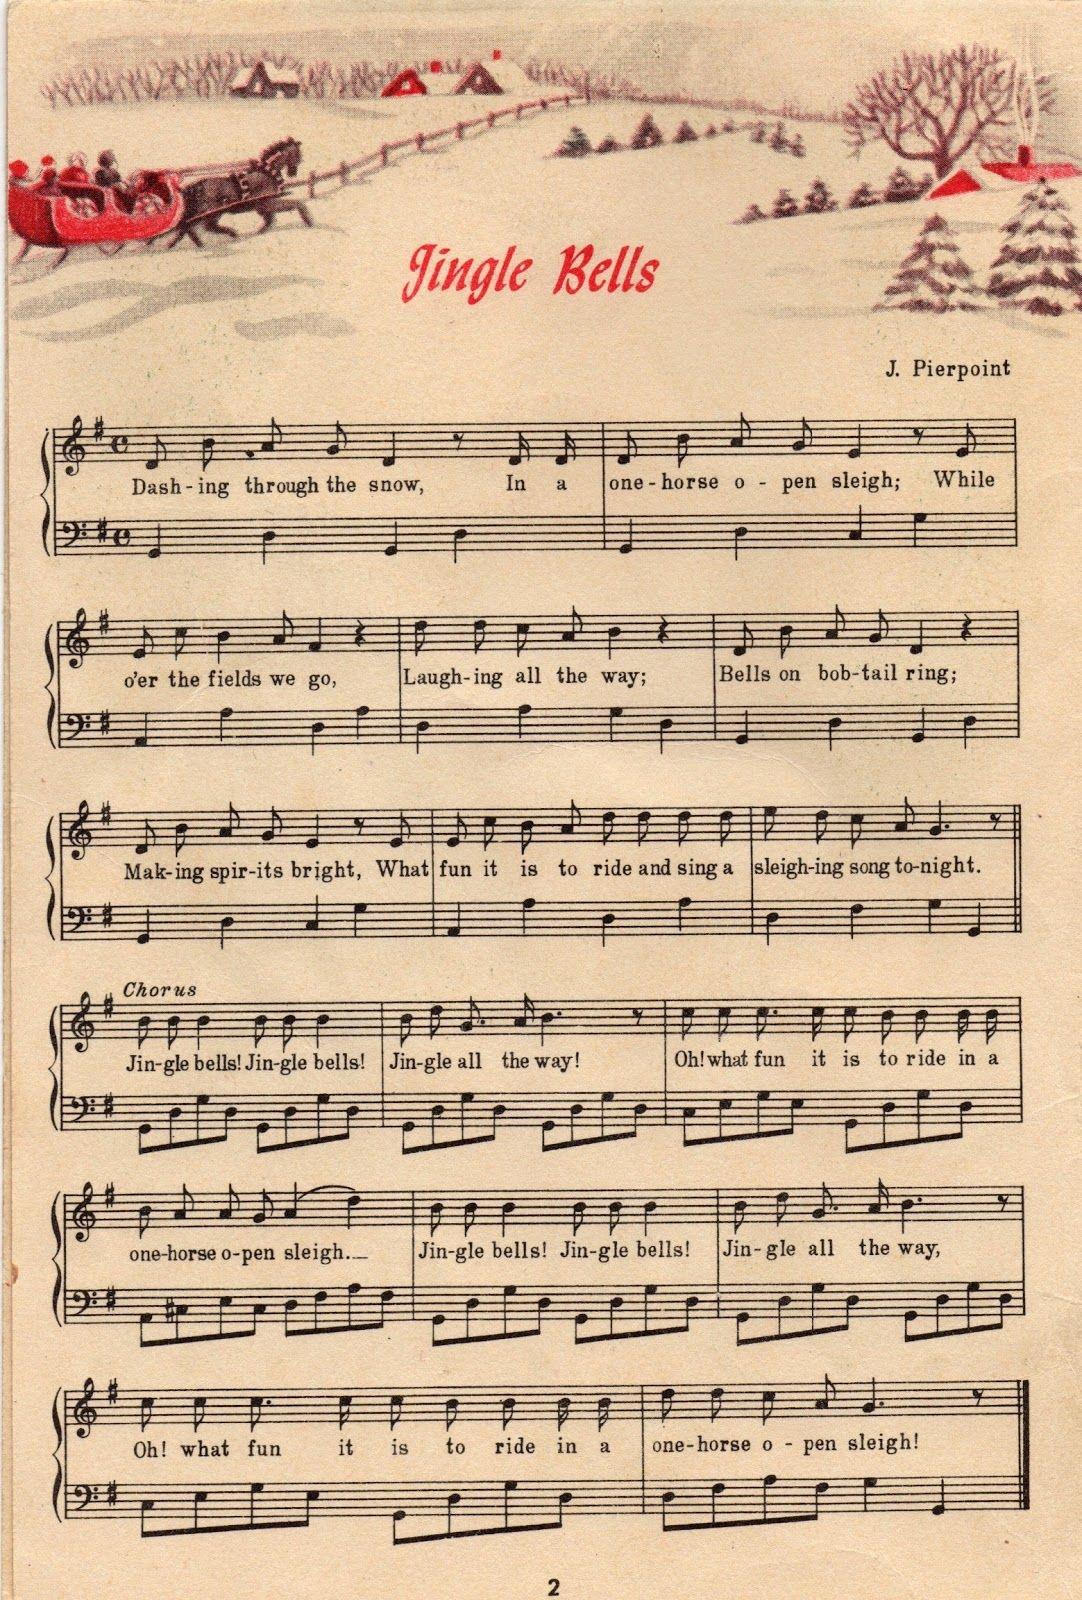 25+ Free Printable Vintage Christmas Sheet Music | Christmas Ideas - Christmas Carols Sheet Music Free Printable